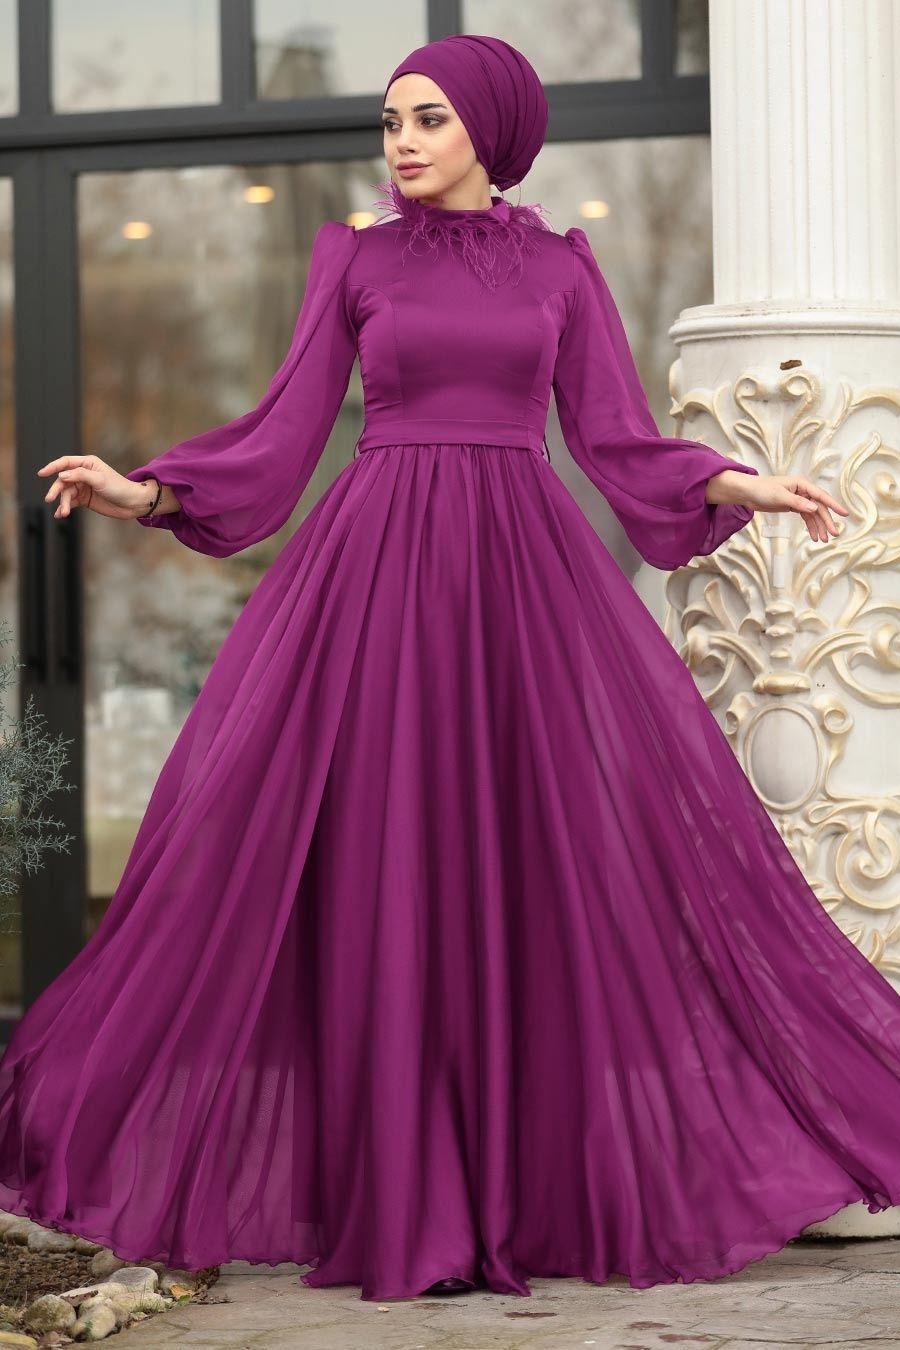 Tesetturlu Abiye Elbise Tuylu Balon Kol Murdum Tesettur Abiye Elbise 3925mu Tesetturisland Com 2020 Elbise Resmi Elbise Giyim